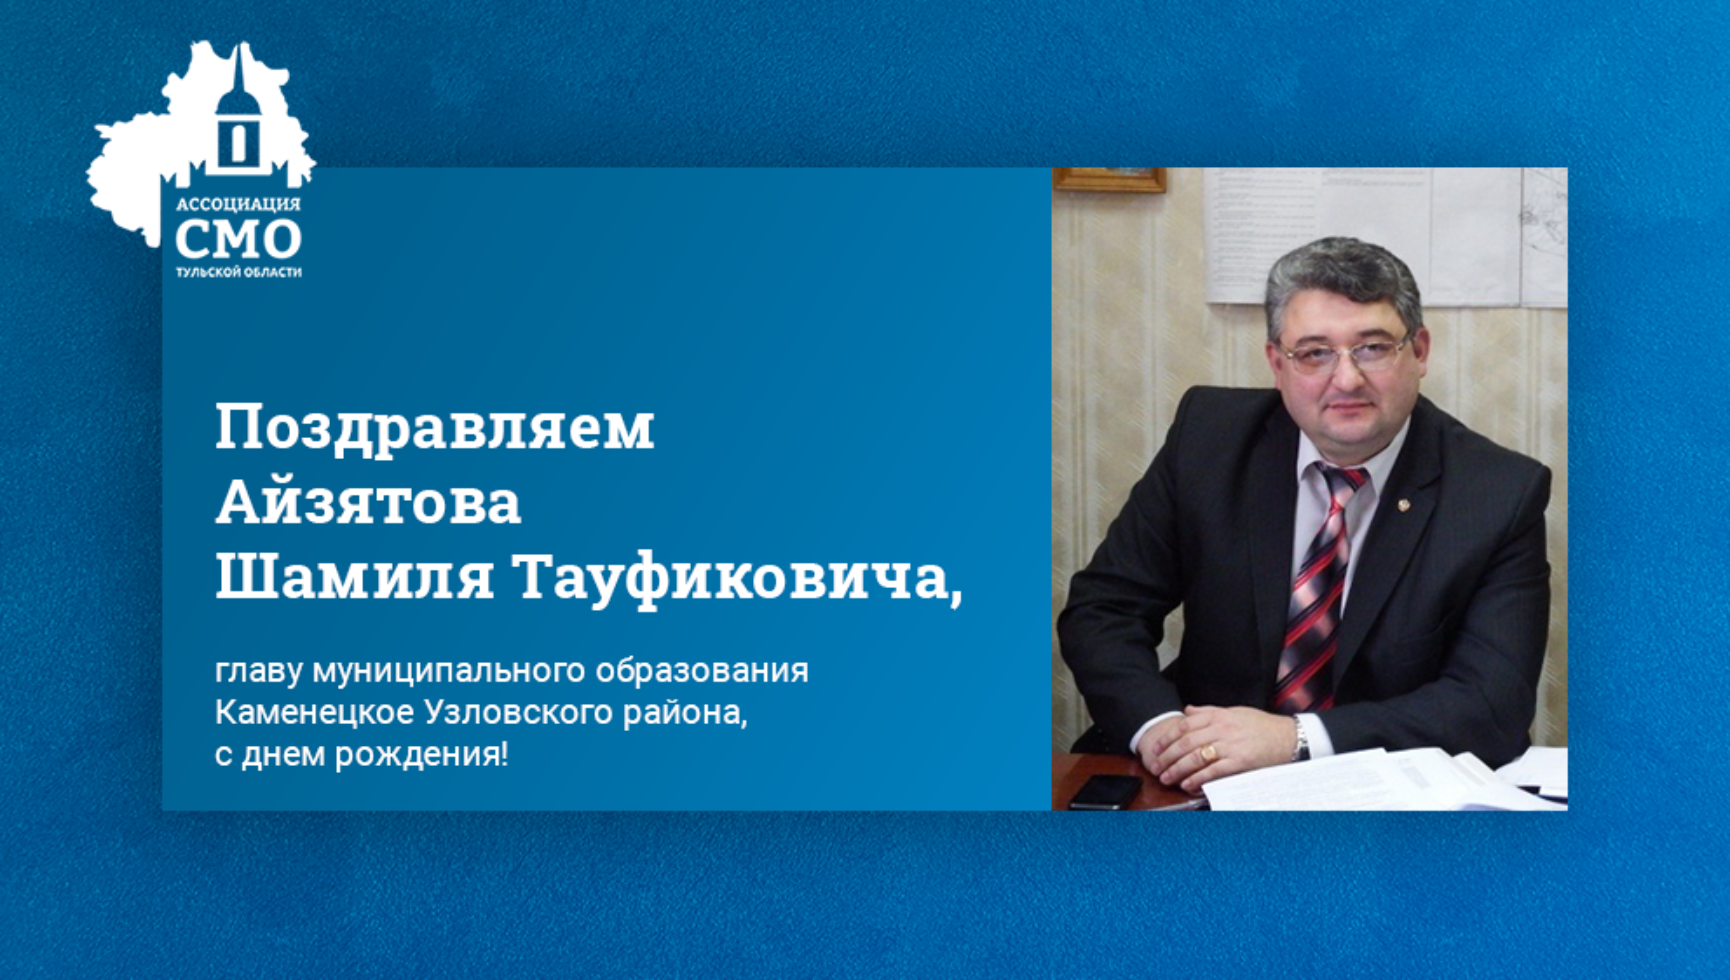 Поздравляем Айзятова Шамиля Тауфиковича, главу муниципального образования Каменецкое Узловского района, с днем рождения!